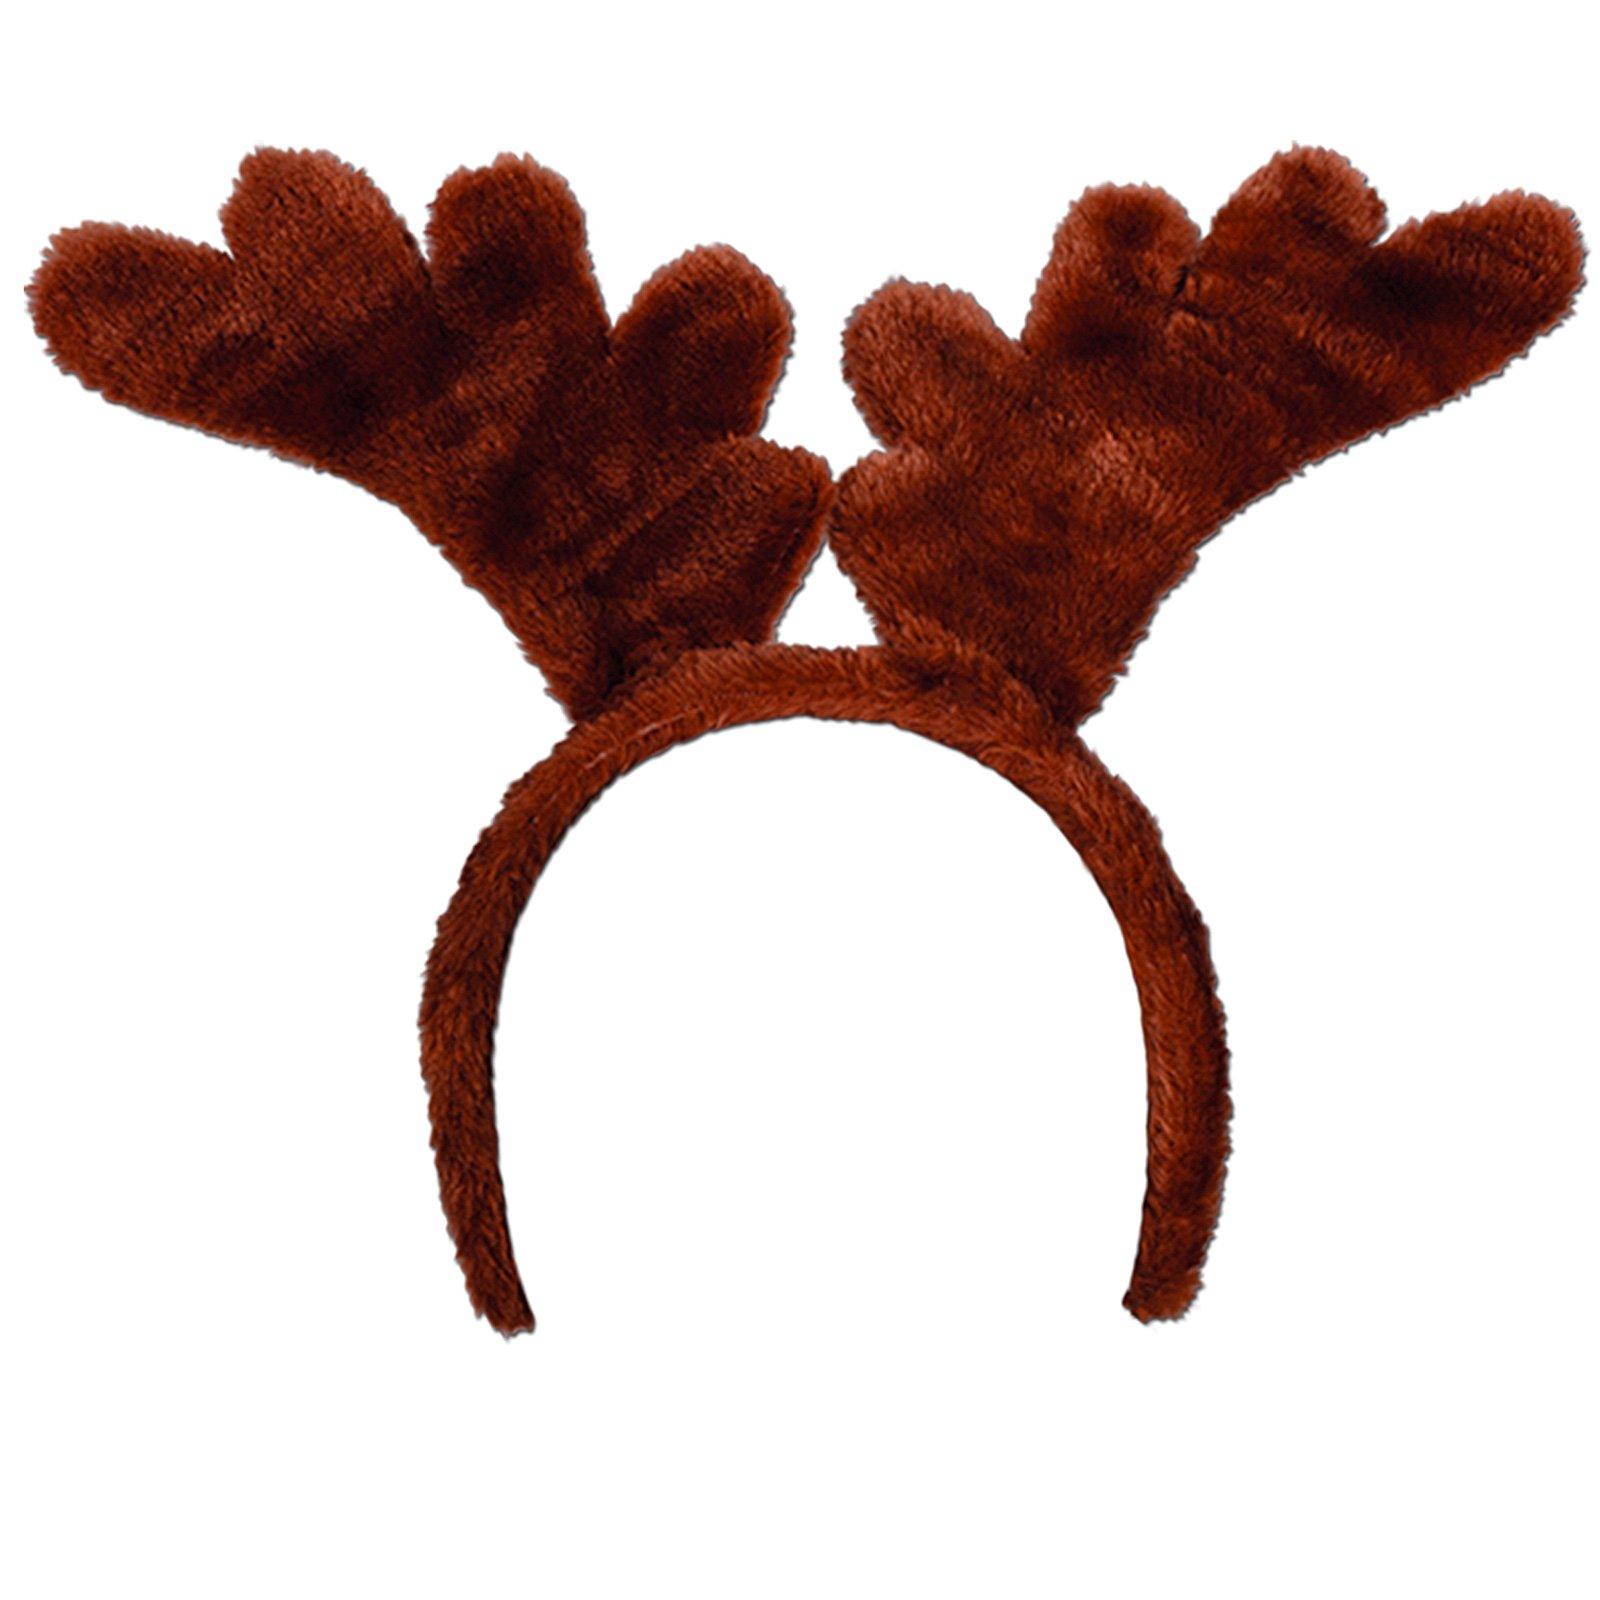 Reindeer Ears Cliparts #2588247 - Reindeer Antlers PNG